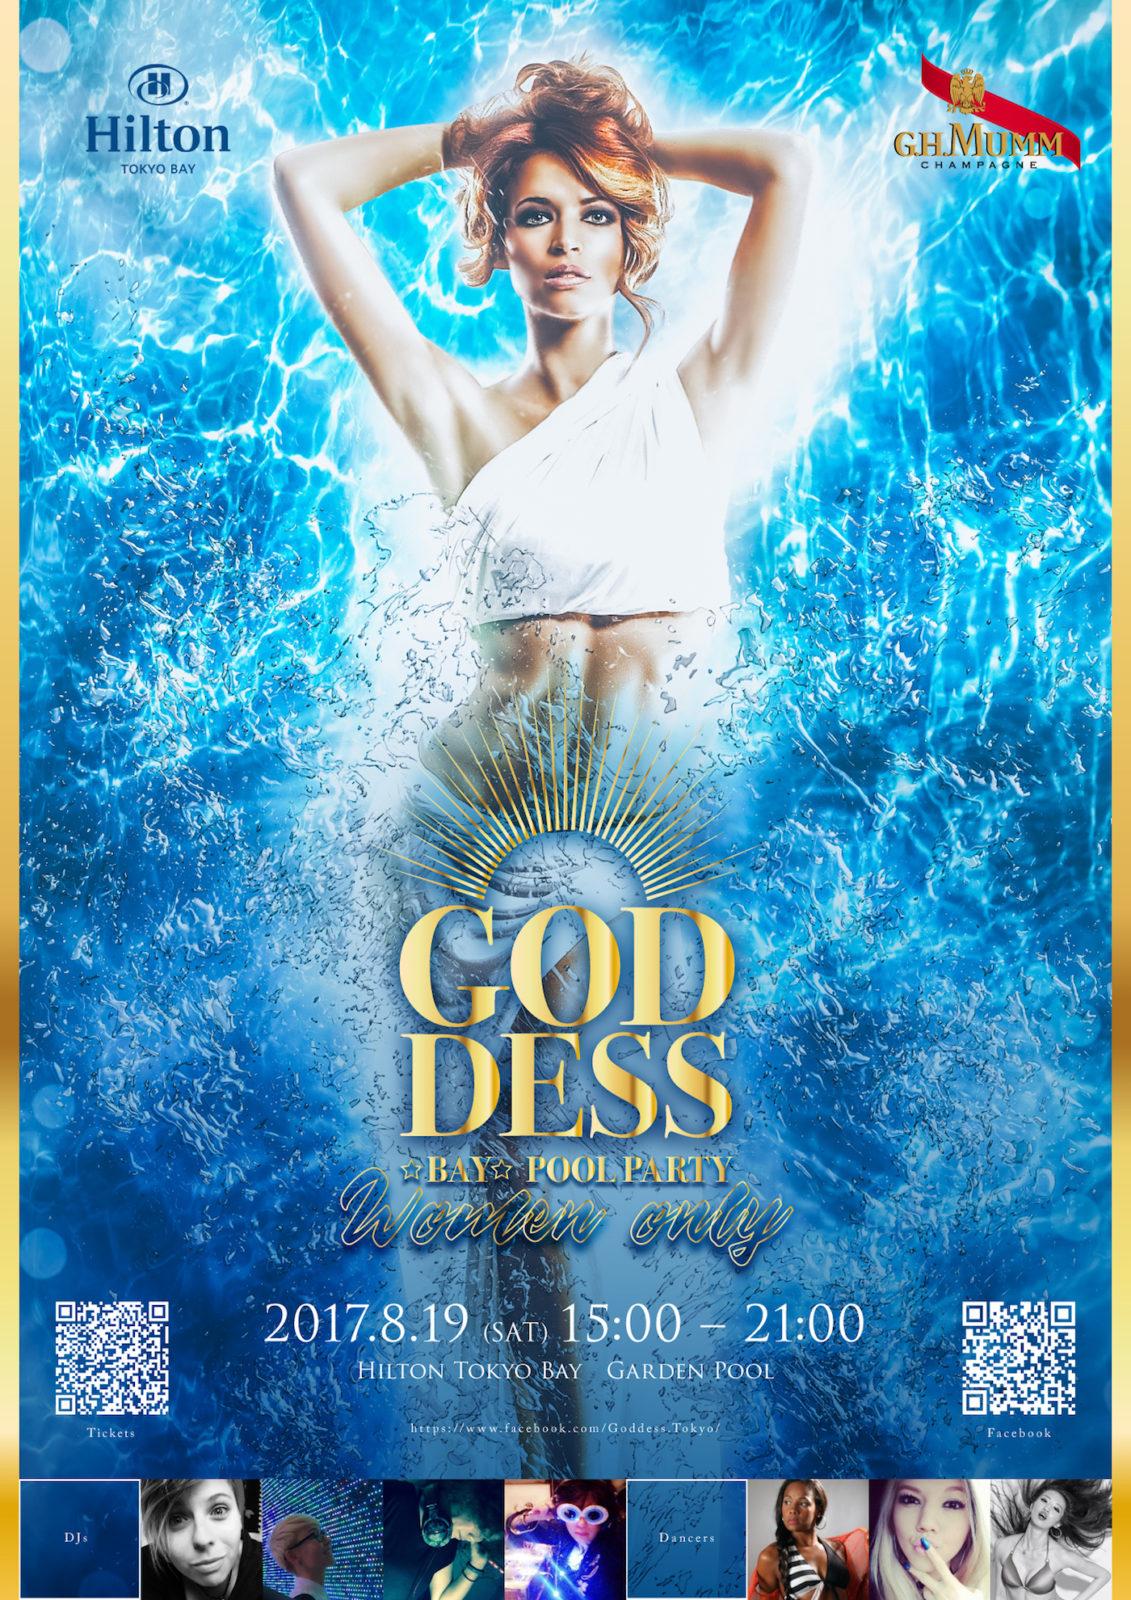 バラエティあふれるDJやダンサーが集結!『Goddess ☆BAY☆ Pool Party @ ヒルトン東京ベイ』開催サムネイル画像